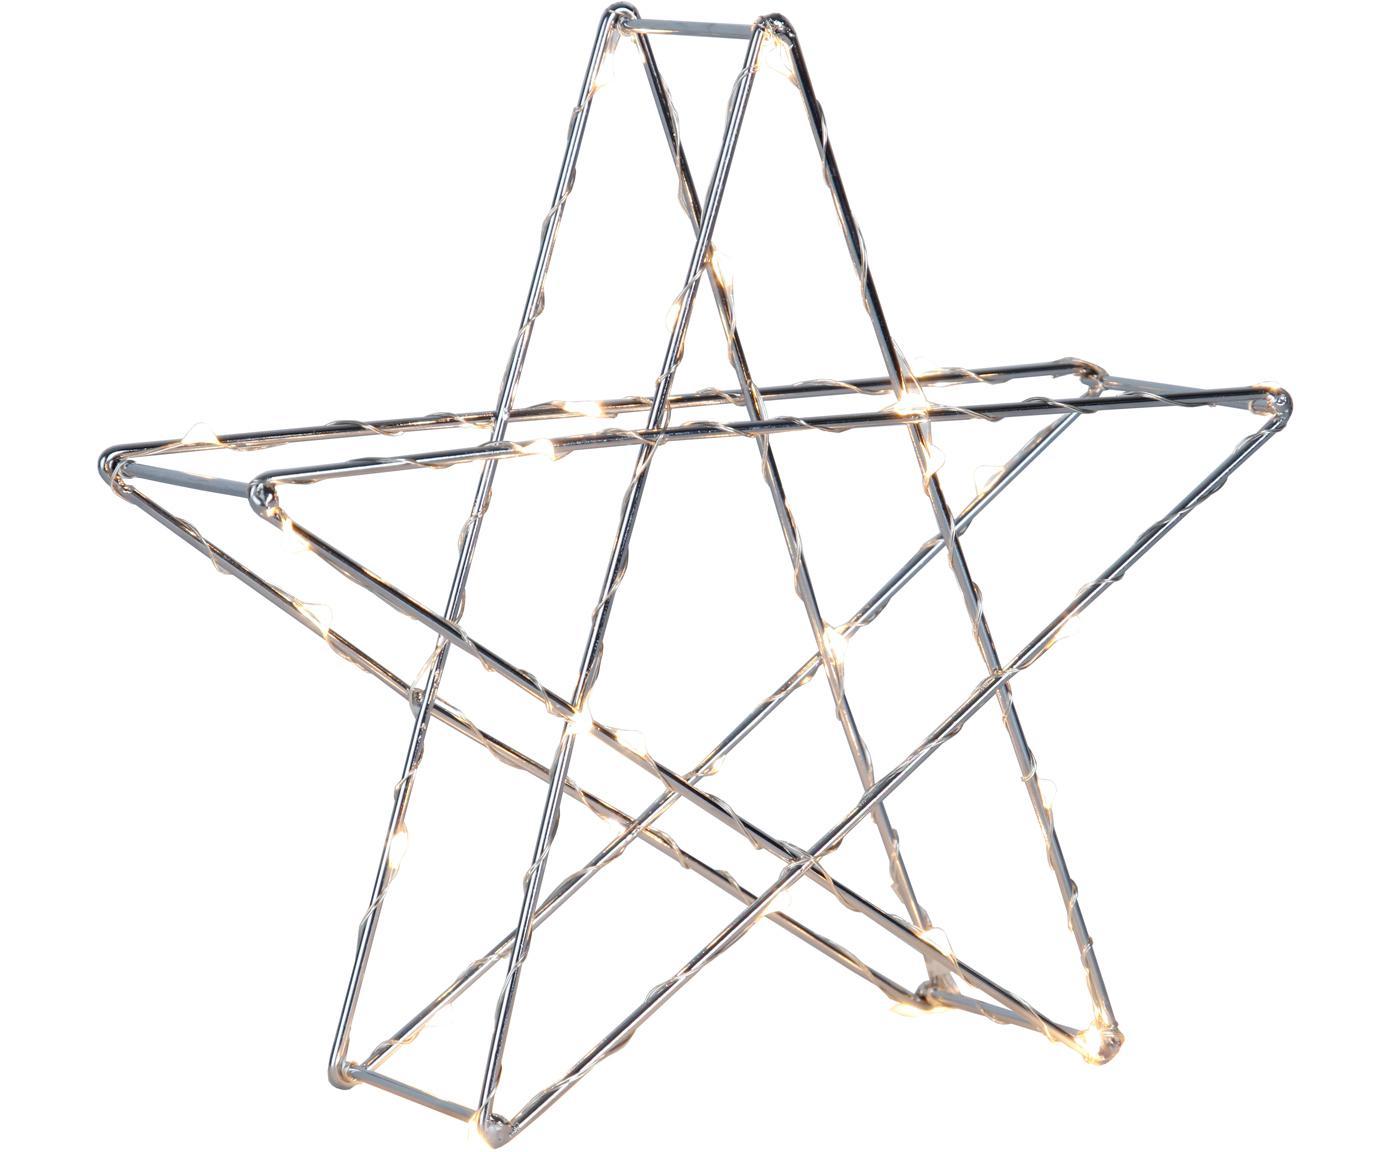 LED Leuchtobjekt Stern, batteriebetrieben, Chrom, 25 x 25 cm